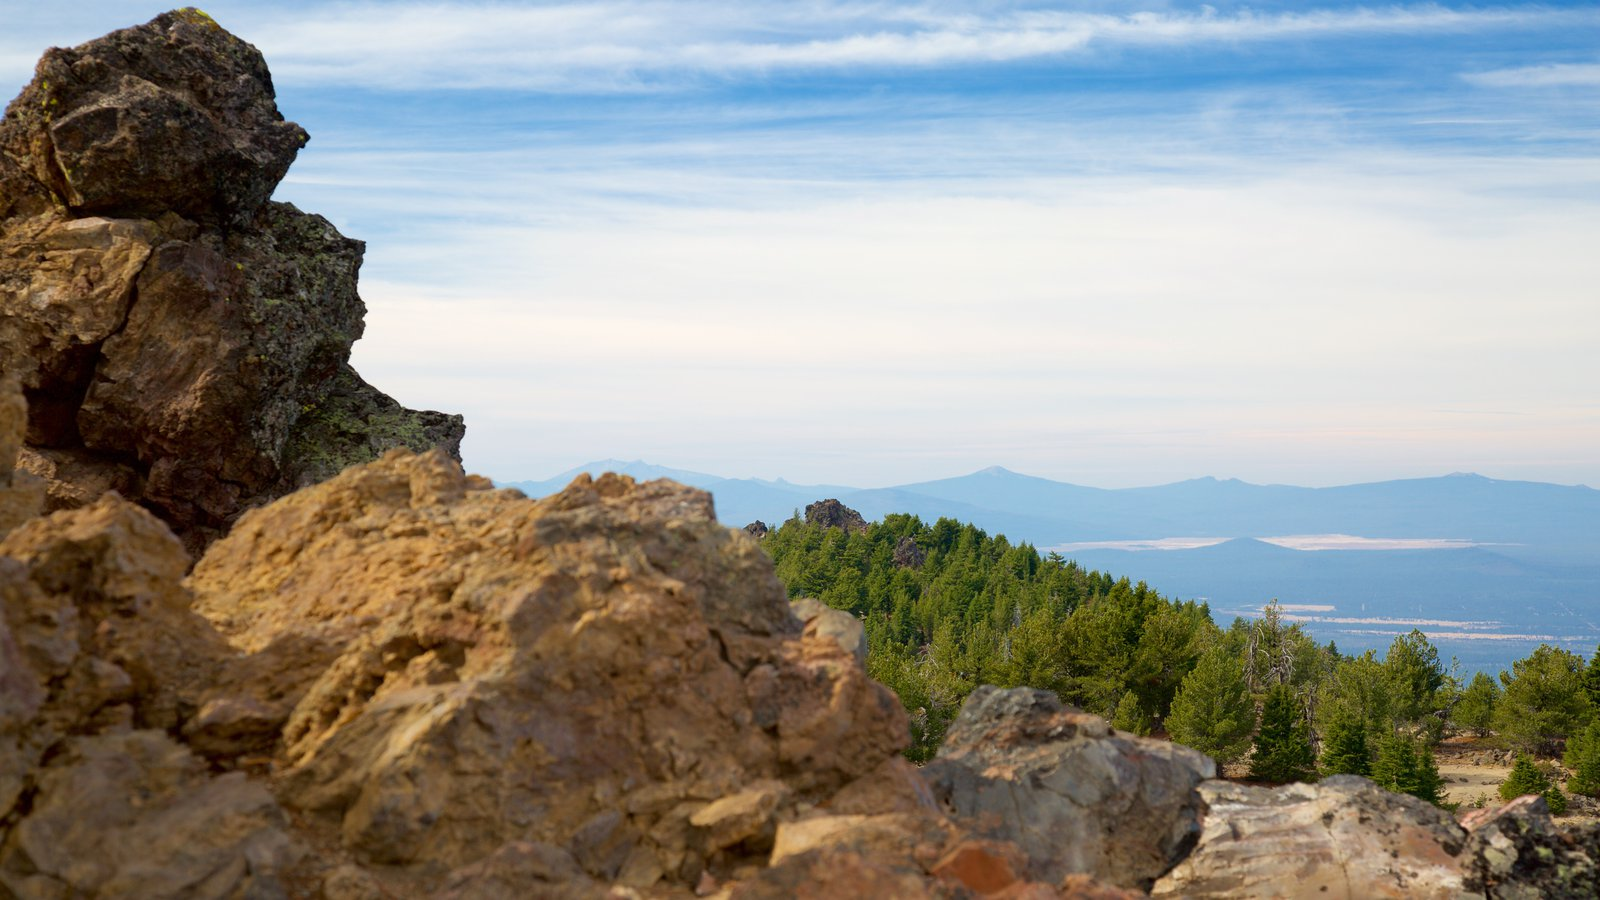 Newberry National Volcanic Monument ofreciendo escenas tranquilas